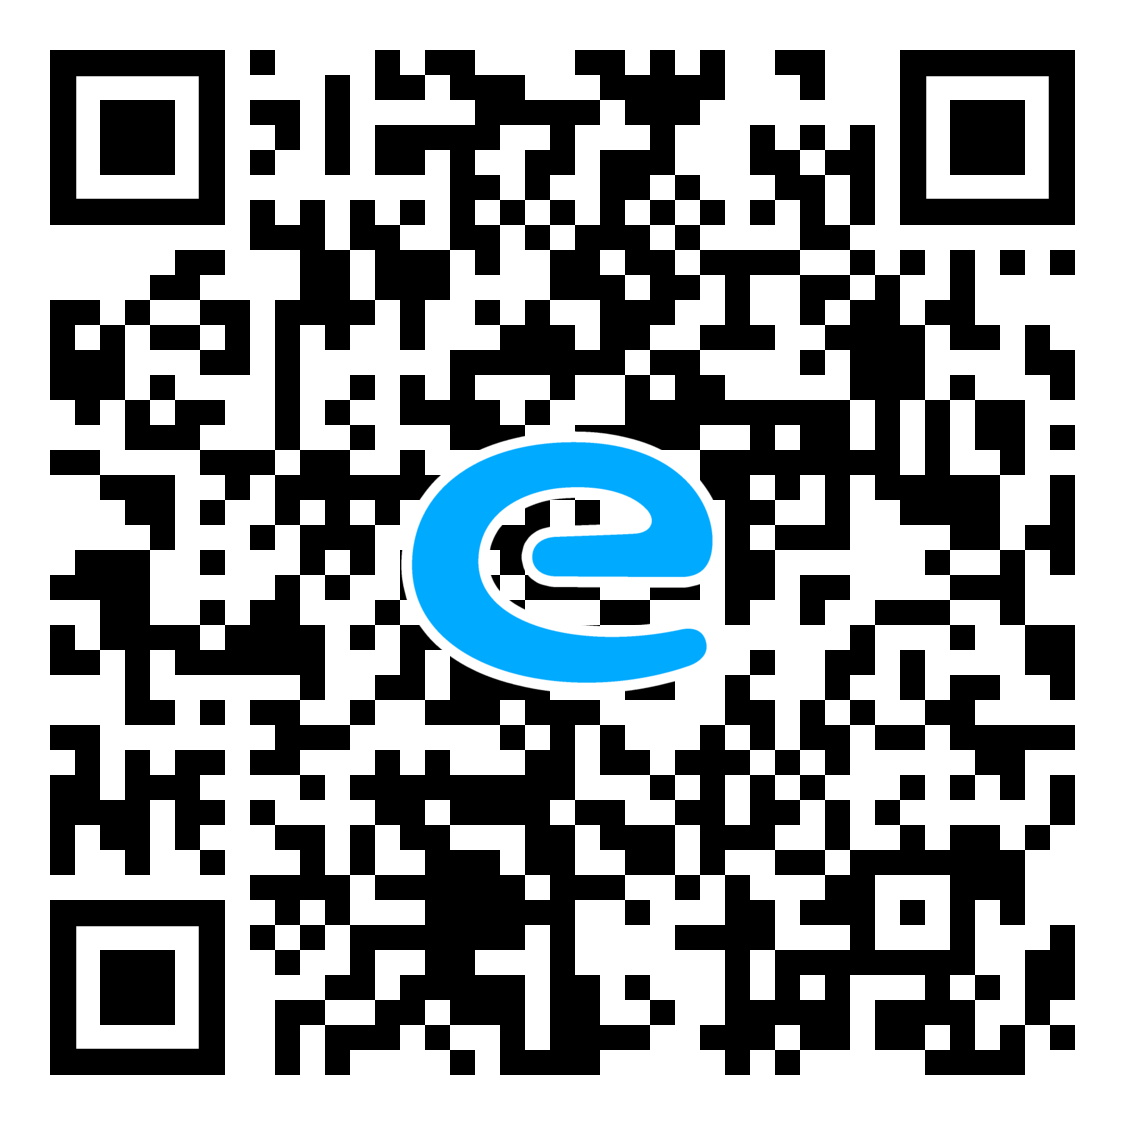 QR code of Engie